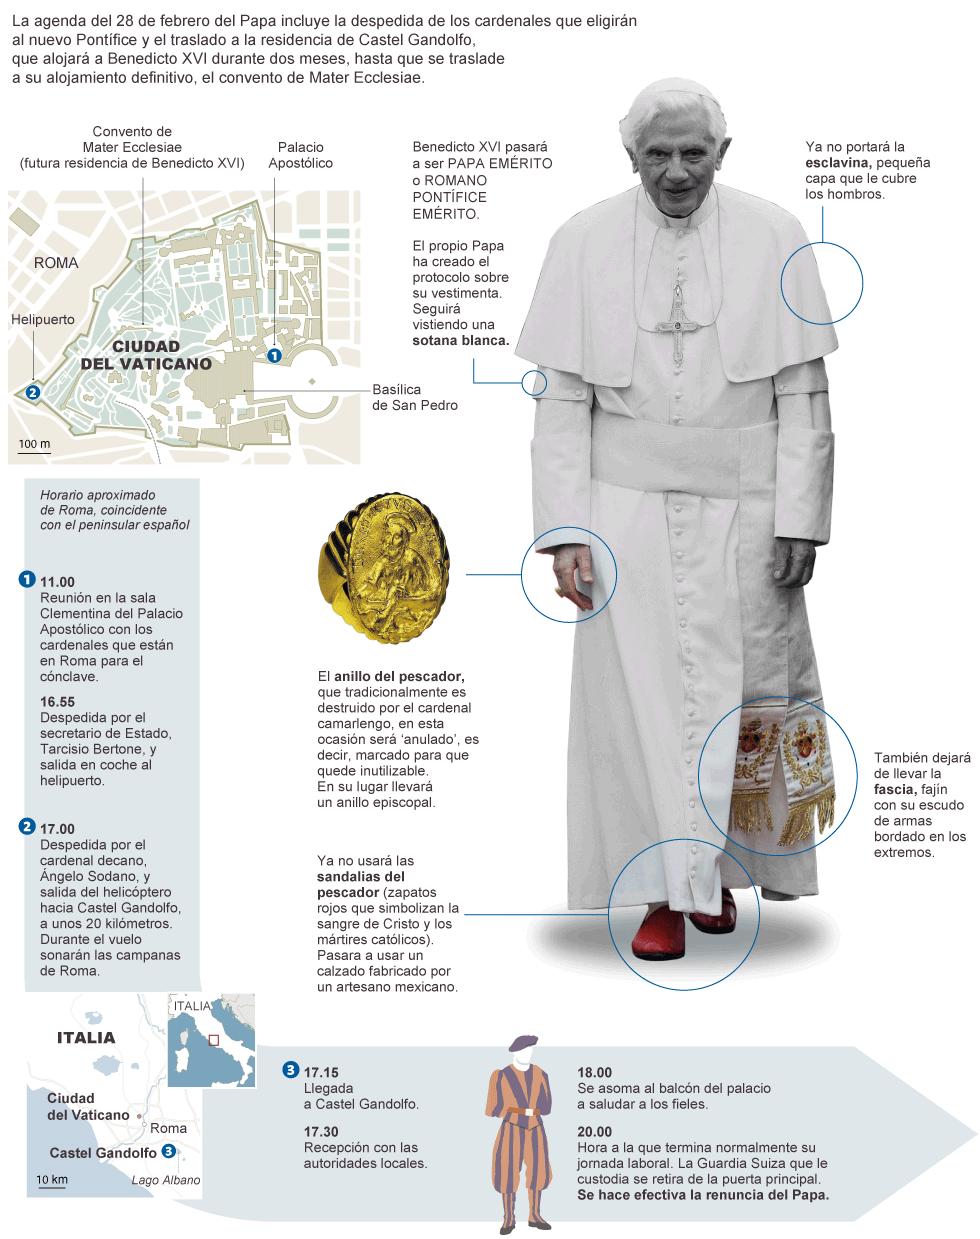 el ultimo dia del papa